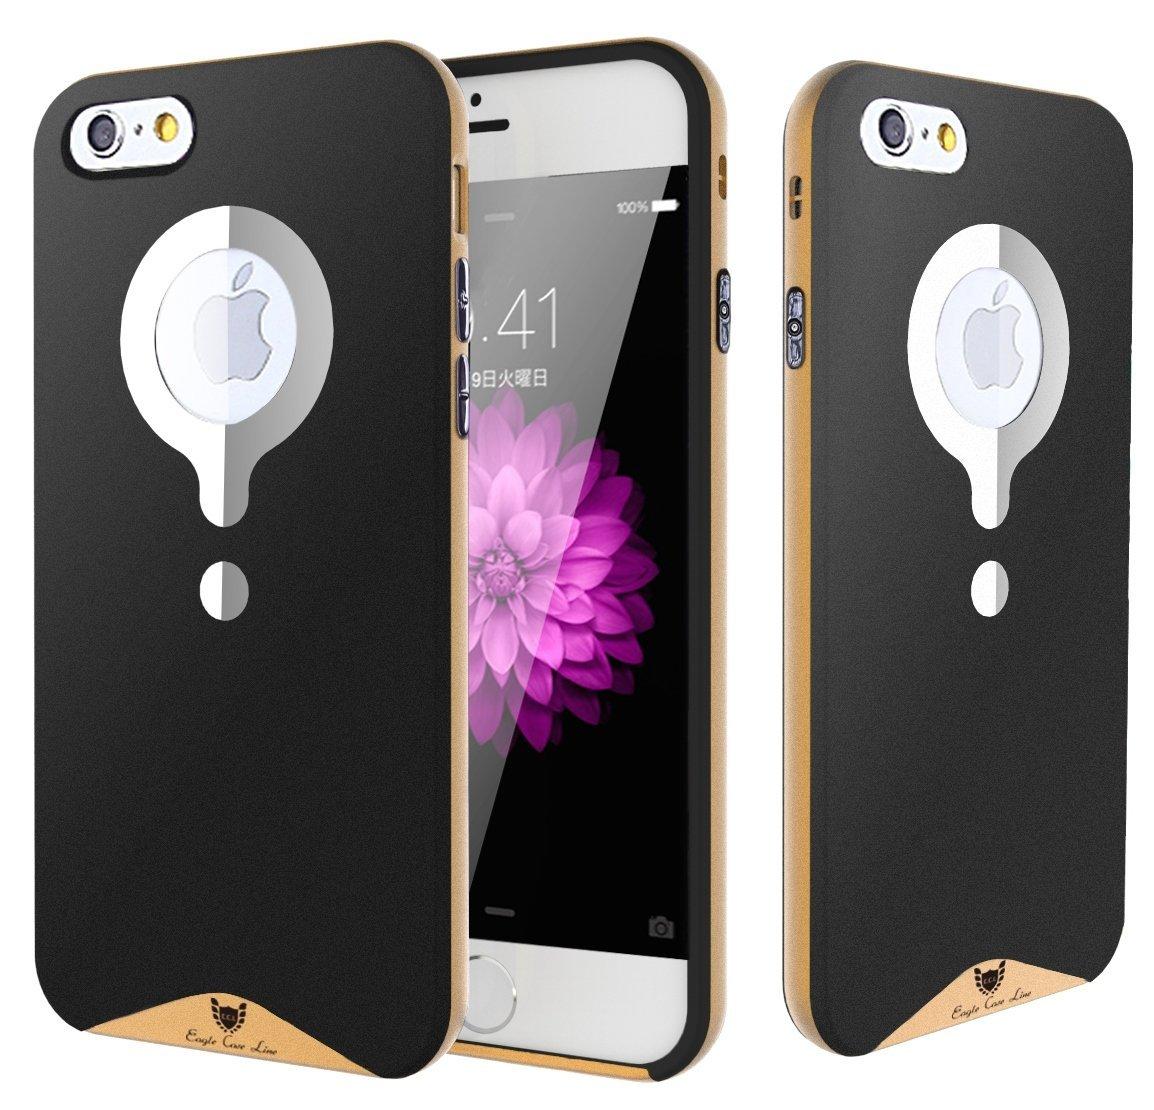 iphone 6s cases, cheap iphone cases, iphone cases, cheap phone cases, best iphone 6s cases, cheap iphone 6s cases